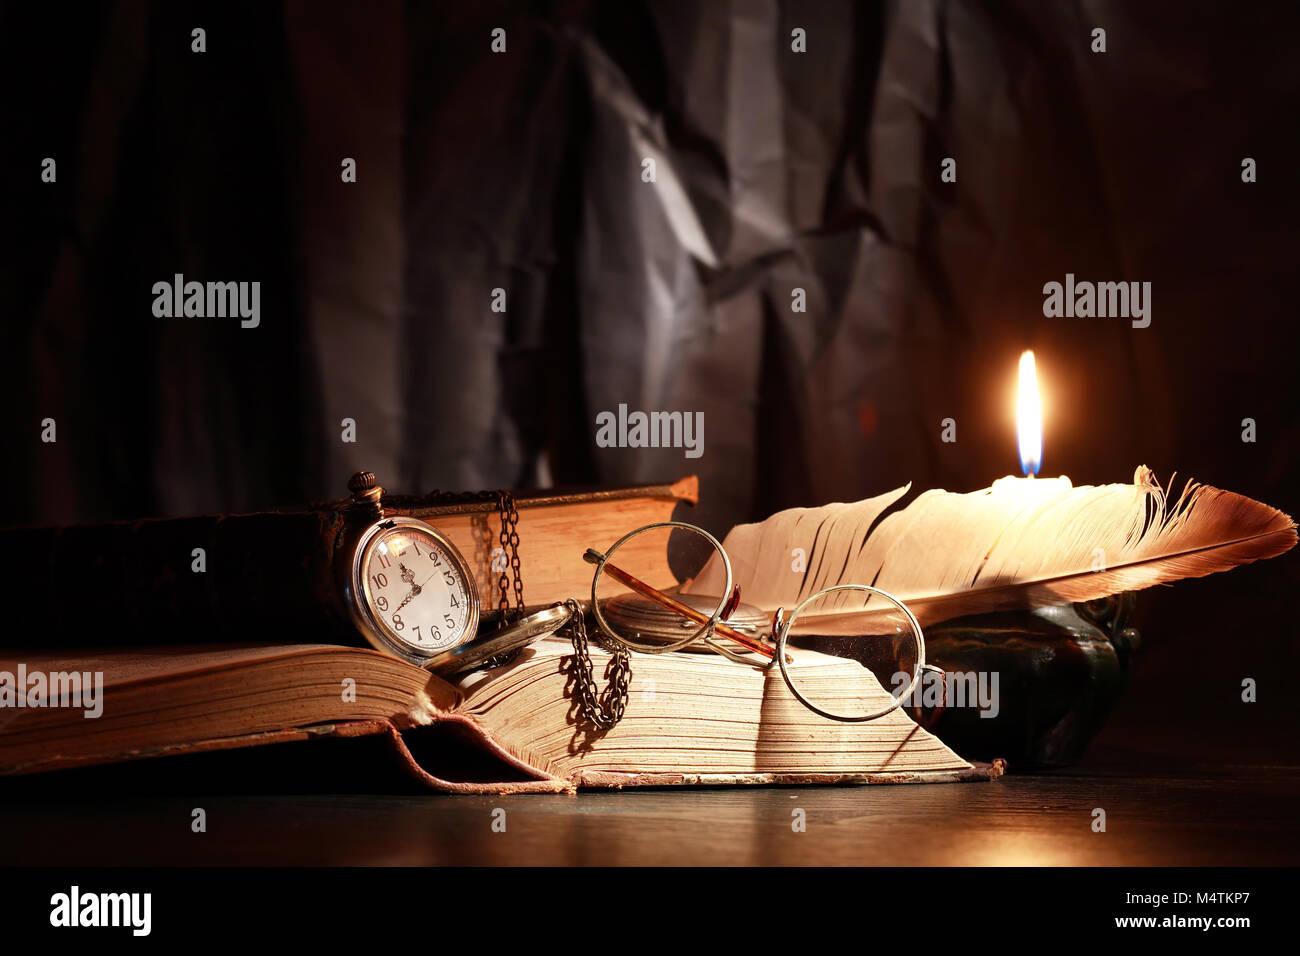 Vintage vita ancora con illuminazione candele vicino a libri e